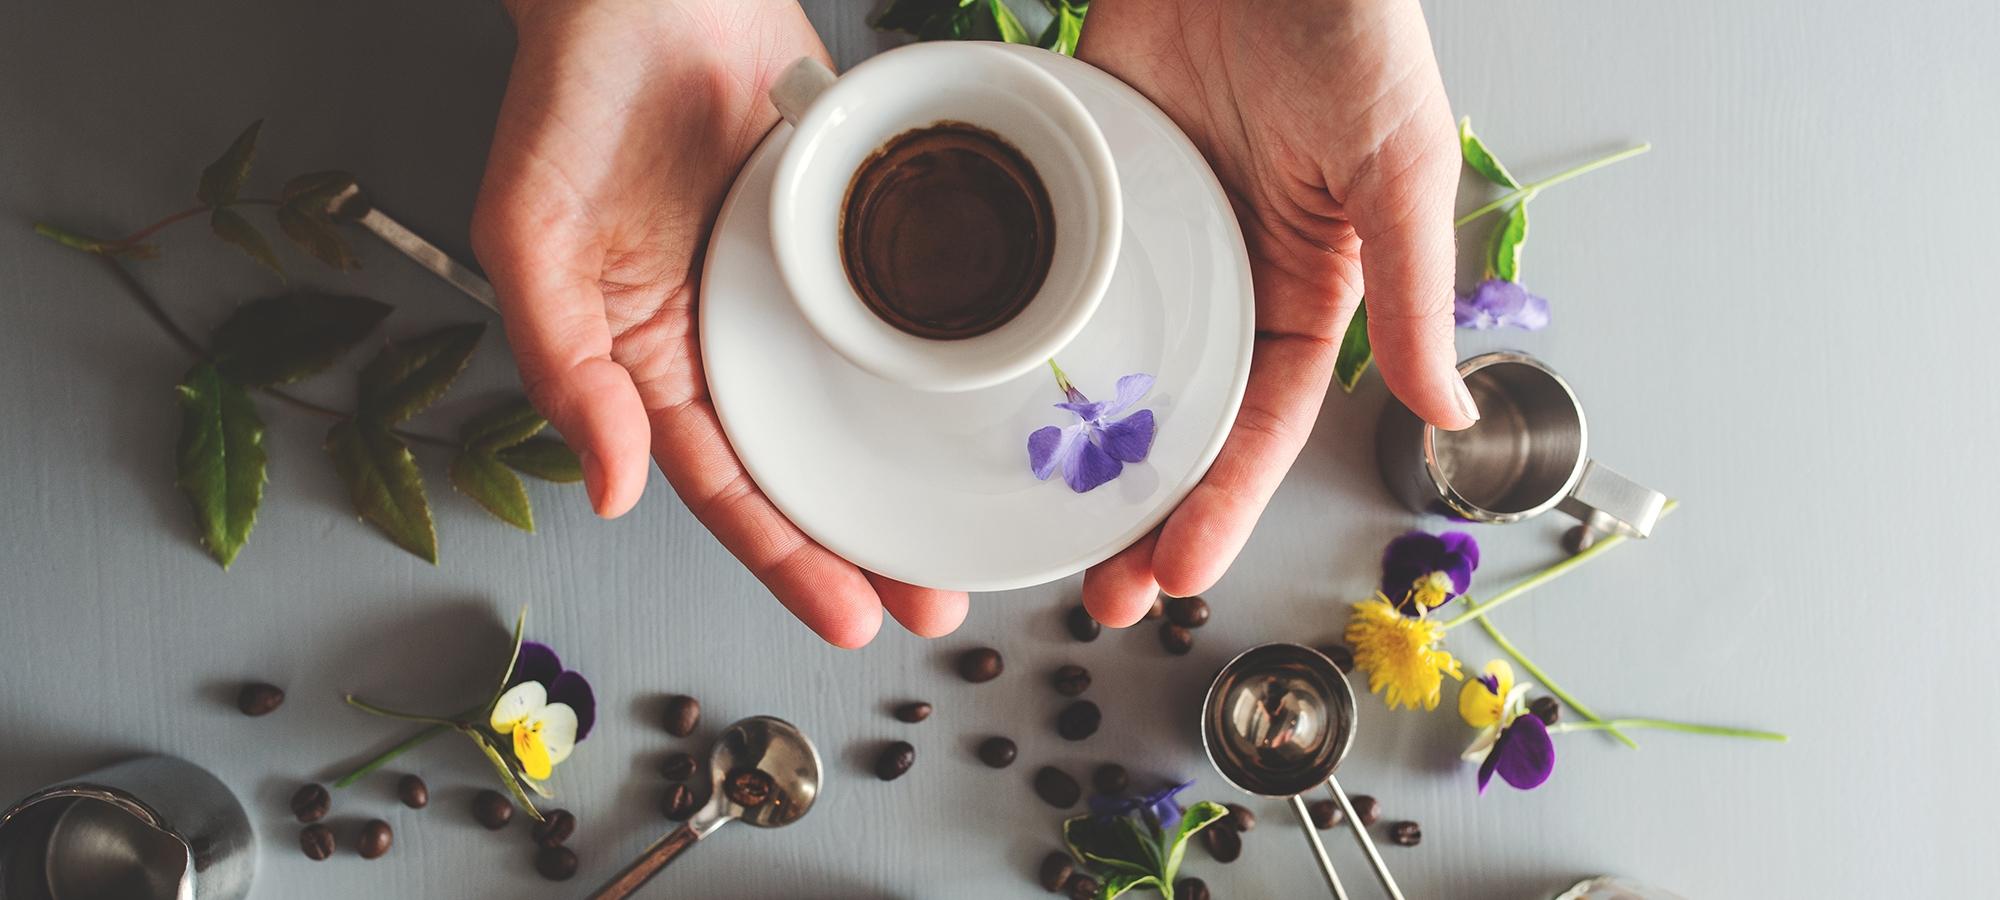 Käytä kahvin mittaukseen oikeita välineitä.